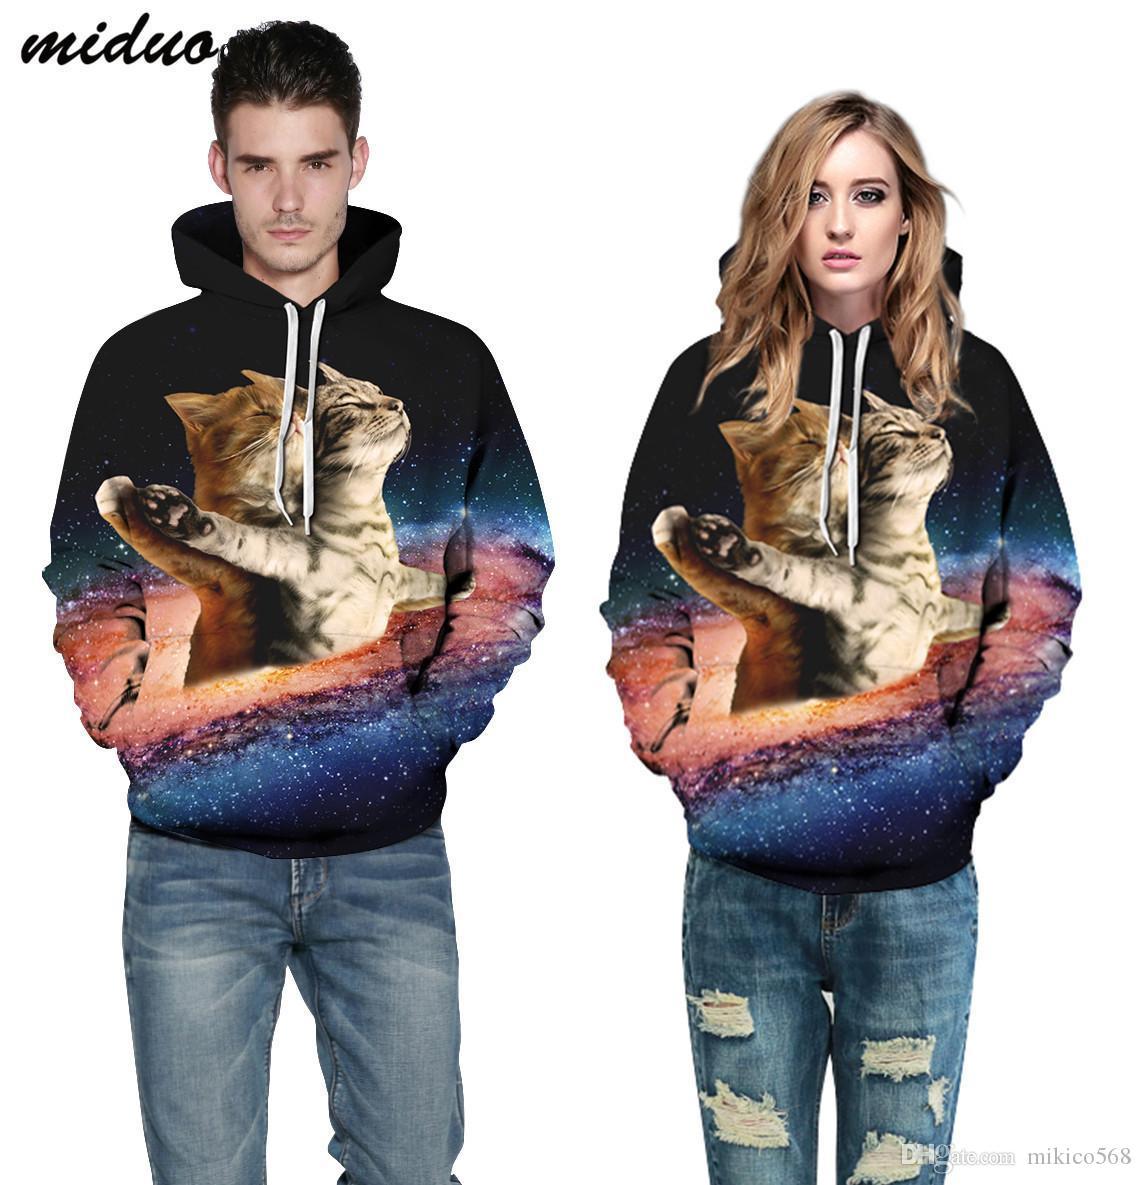 Yıldız kedi köpek dijital baskı Hoodie Boyut spor kazak çiftler beyzbol giysiler elbise uzun kollu spor ceket kazak yeni yeni